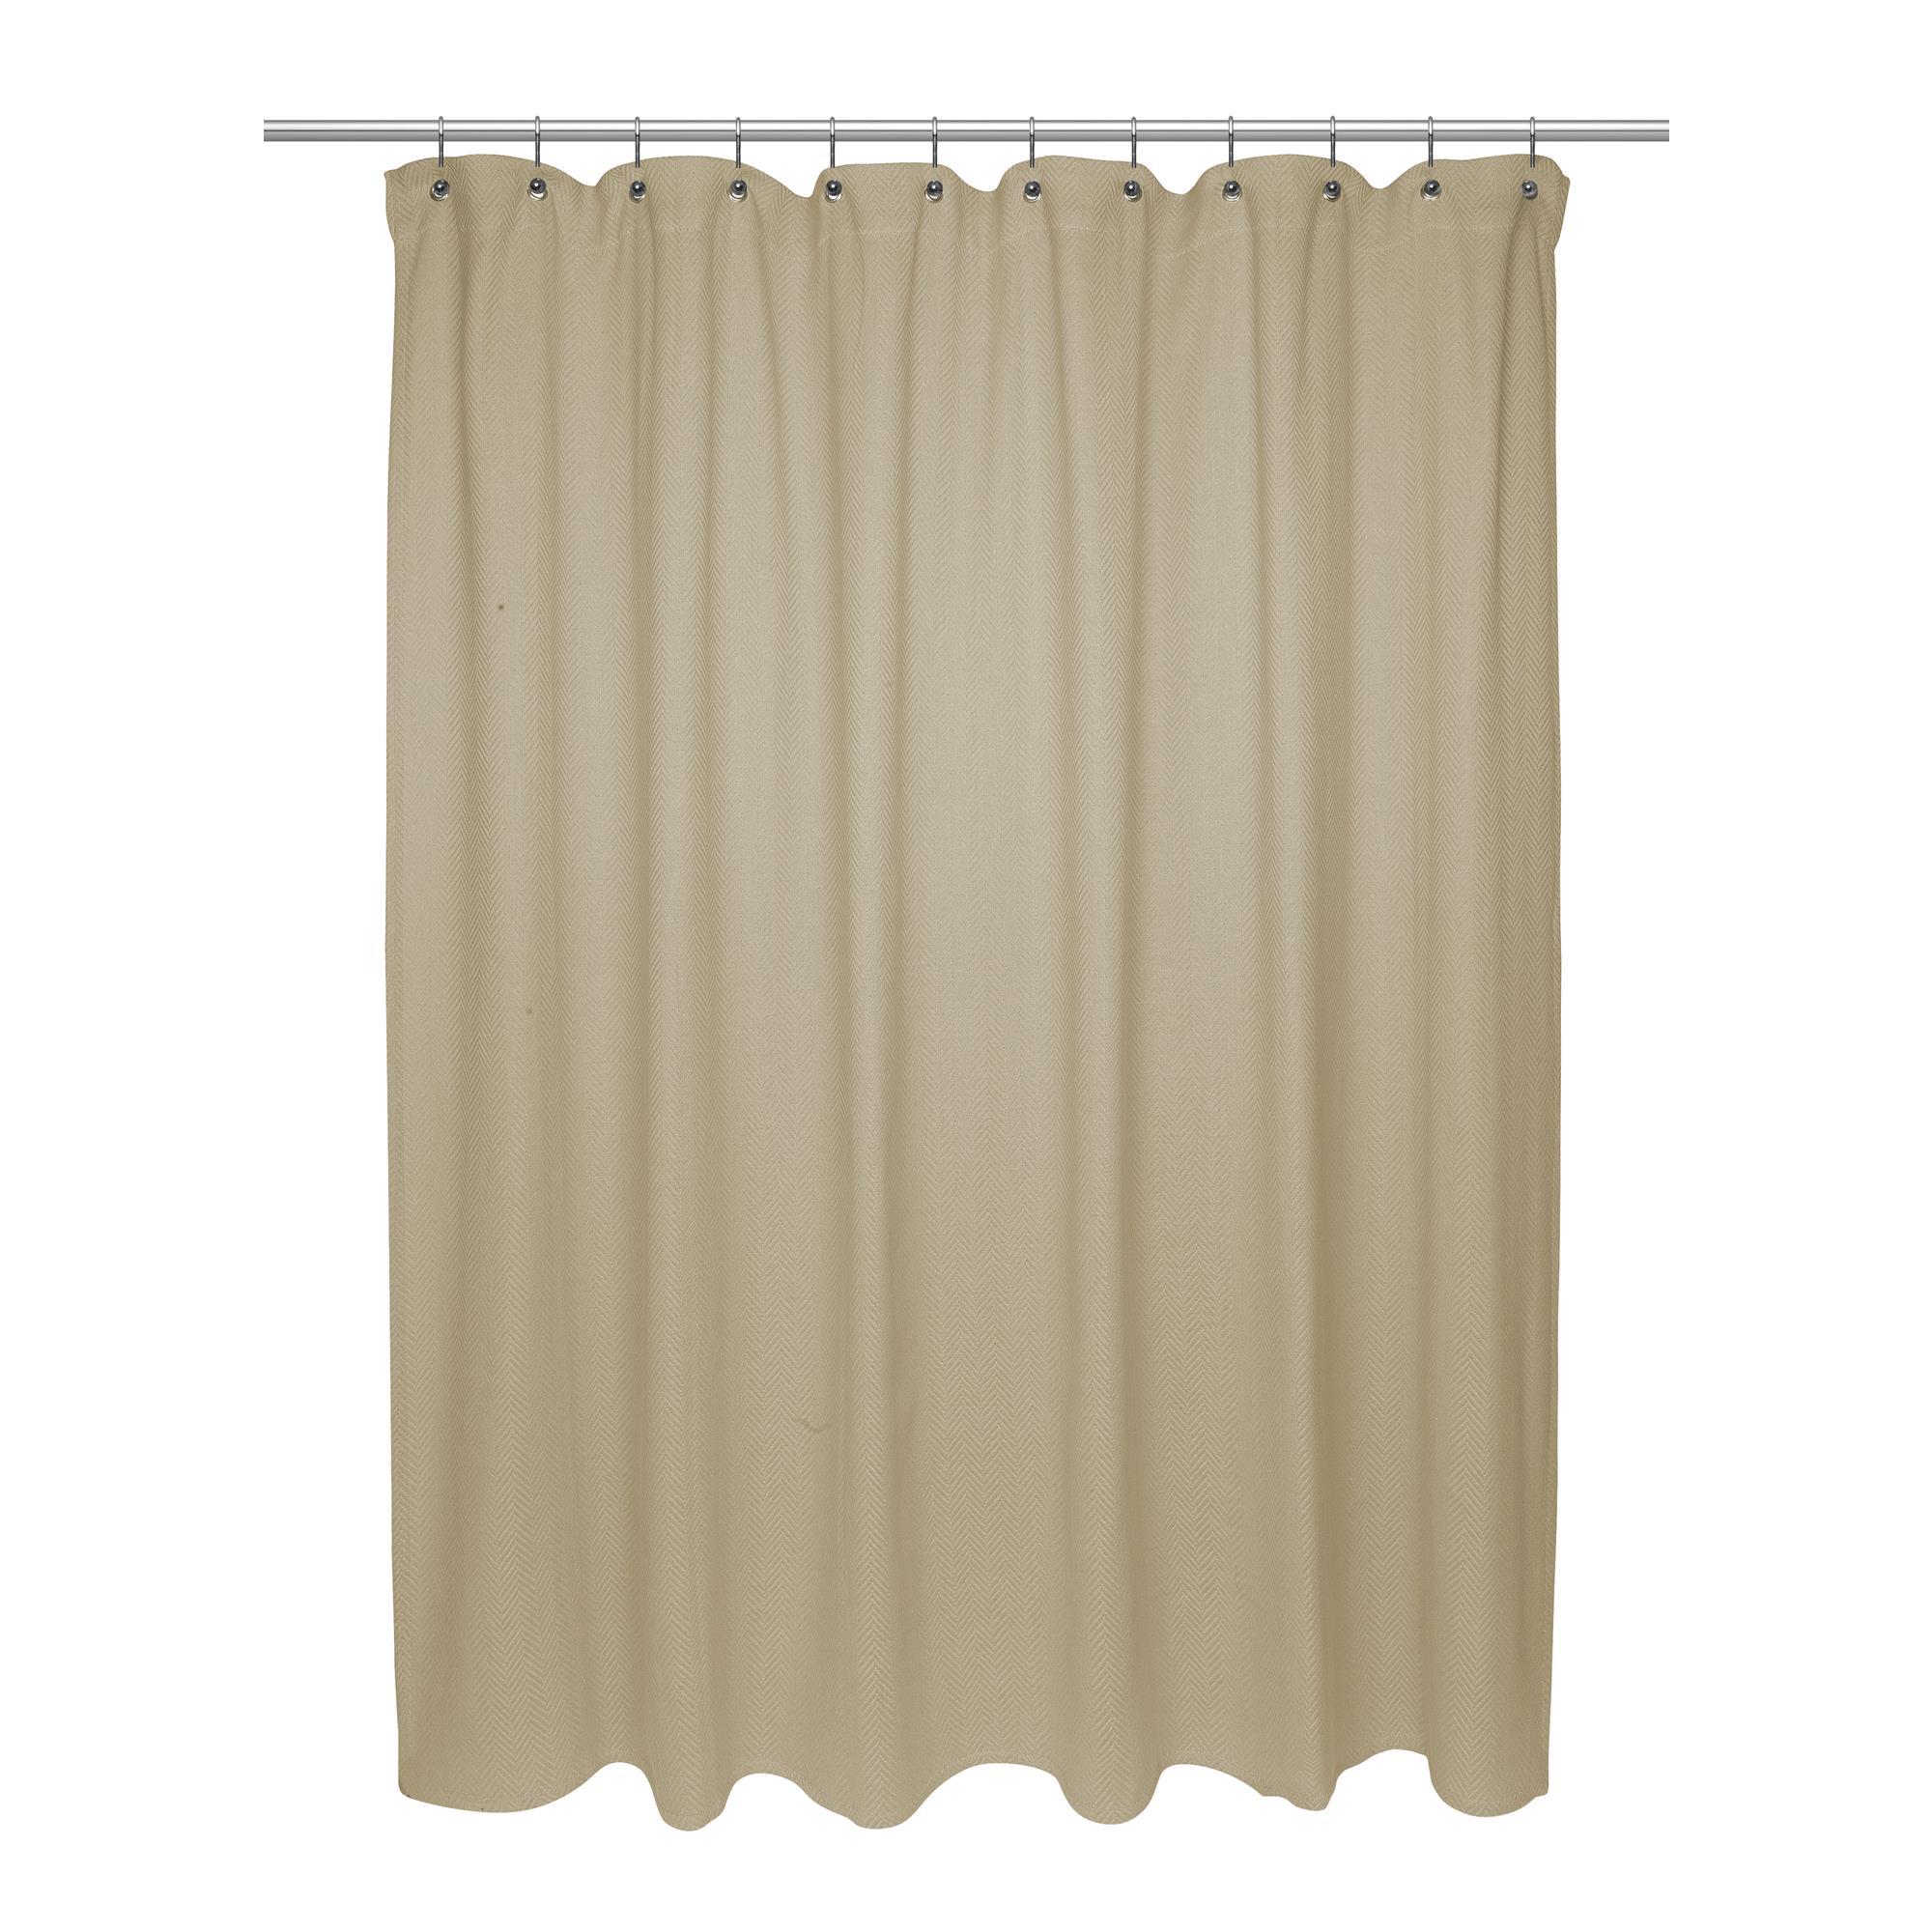 Details About Carnation Standard Size 100 Cotton Chevron Weave Shower Curtain Dark Linen